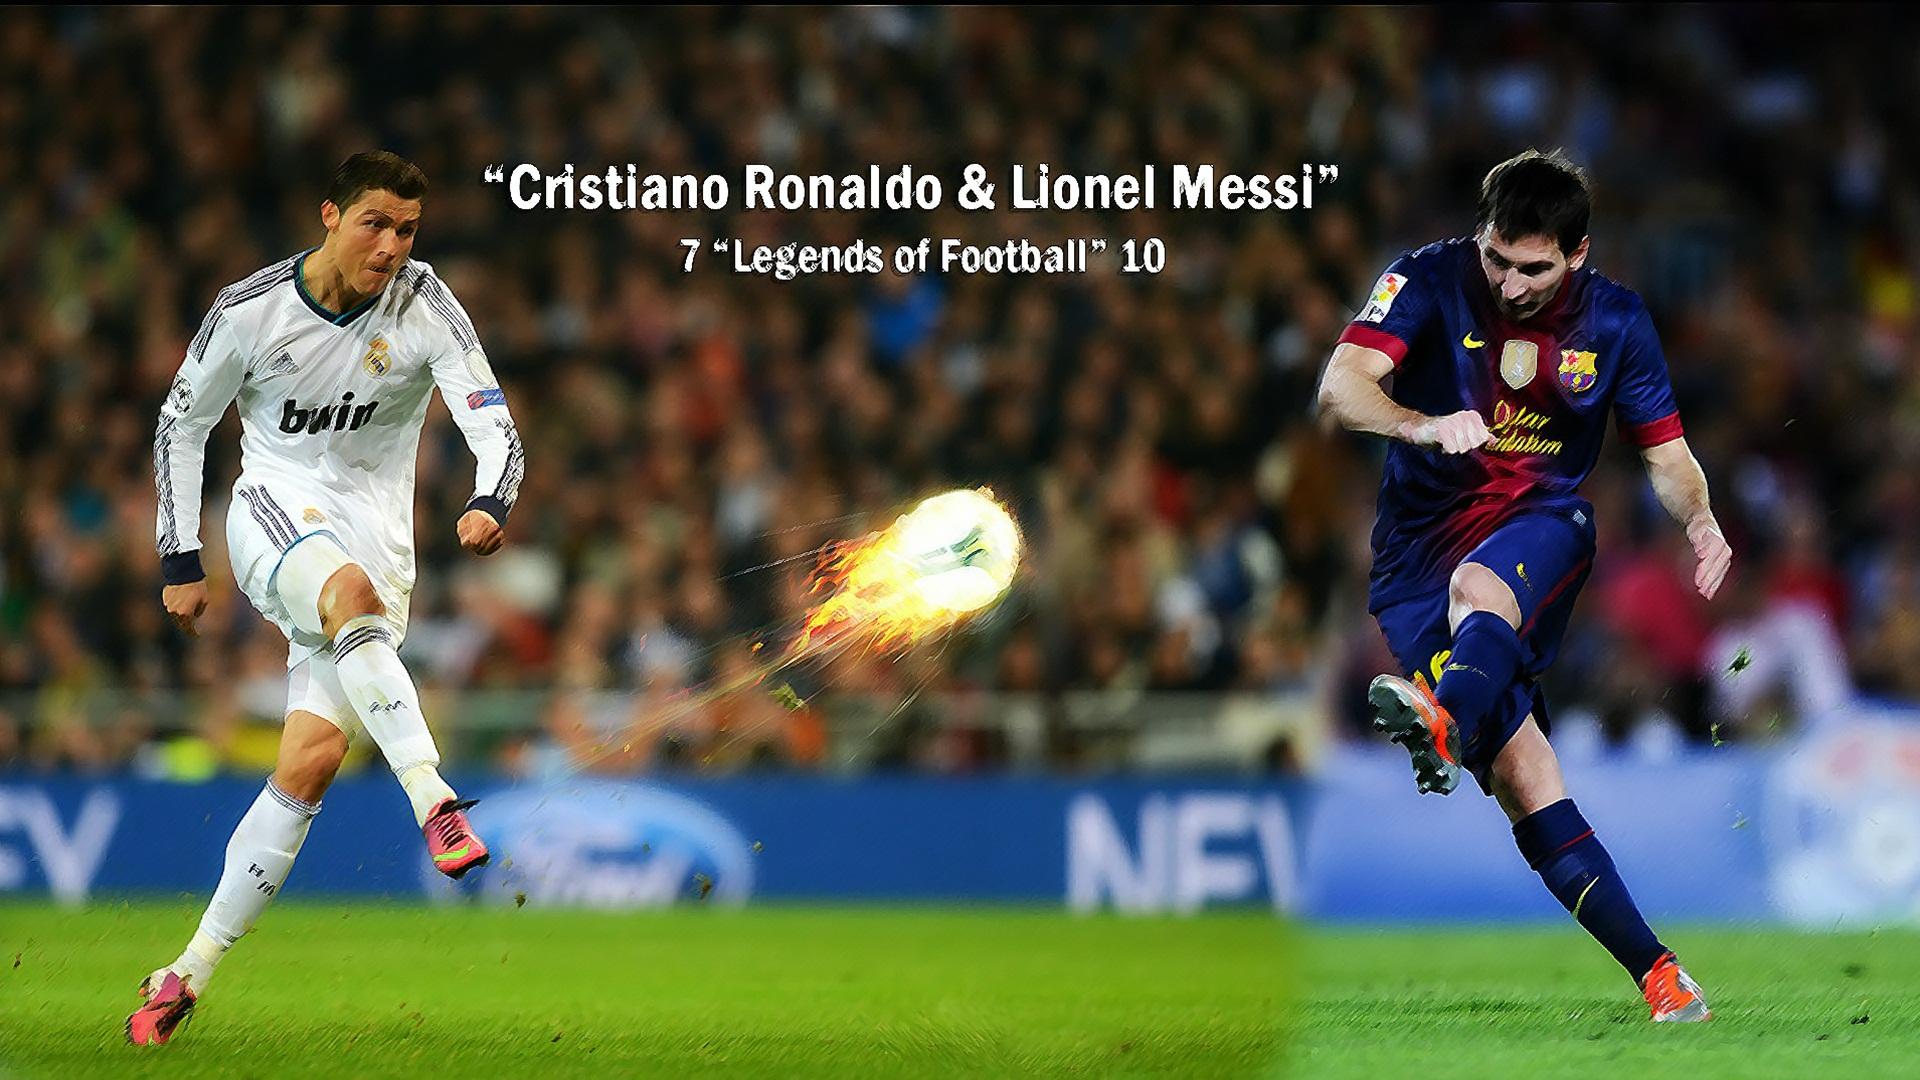 Cristiano Ronaldo With Lionel Messi Ball On Fire Wallpaper